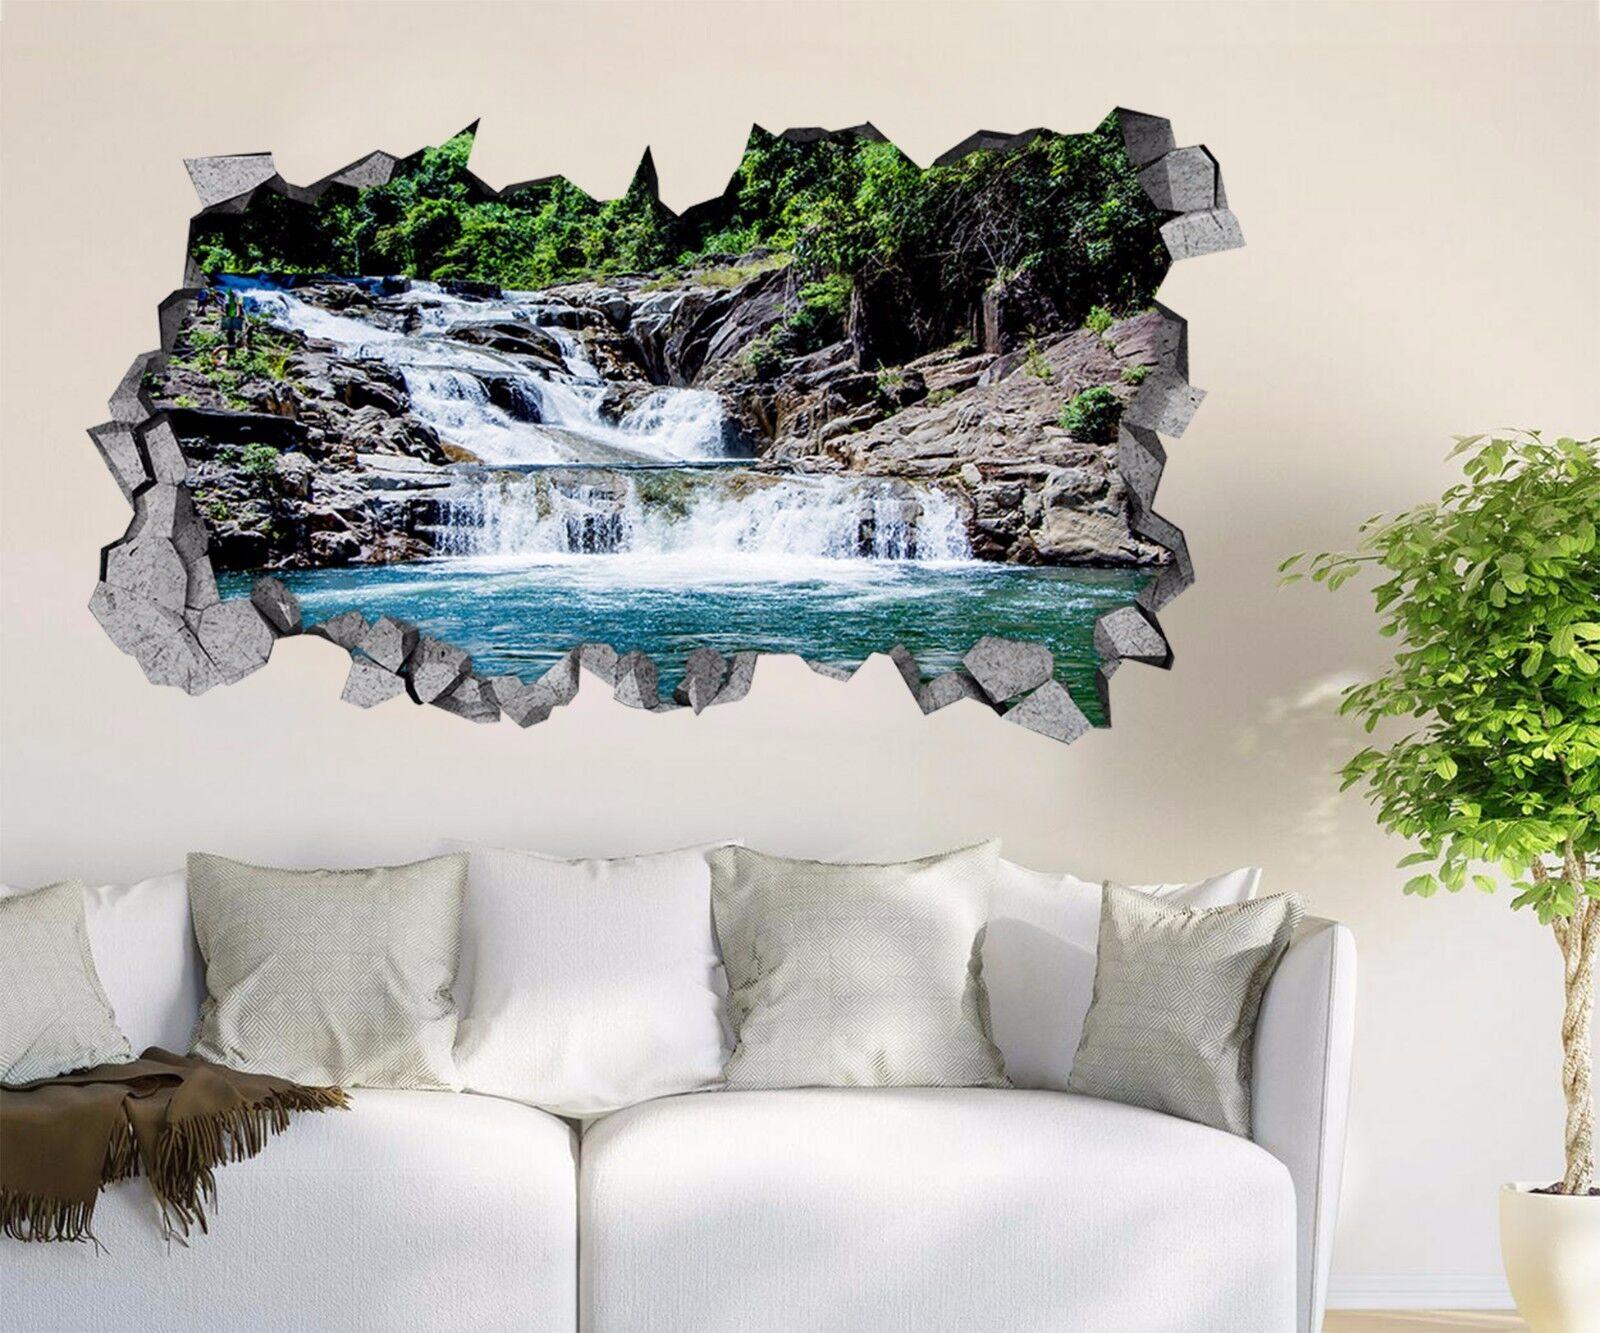 3D Grove Wasser 51 Mauer Murals Aufklebe Decal Durchbruch AJ WALLPAPER DE Lemon